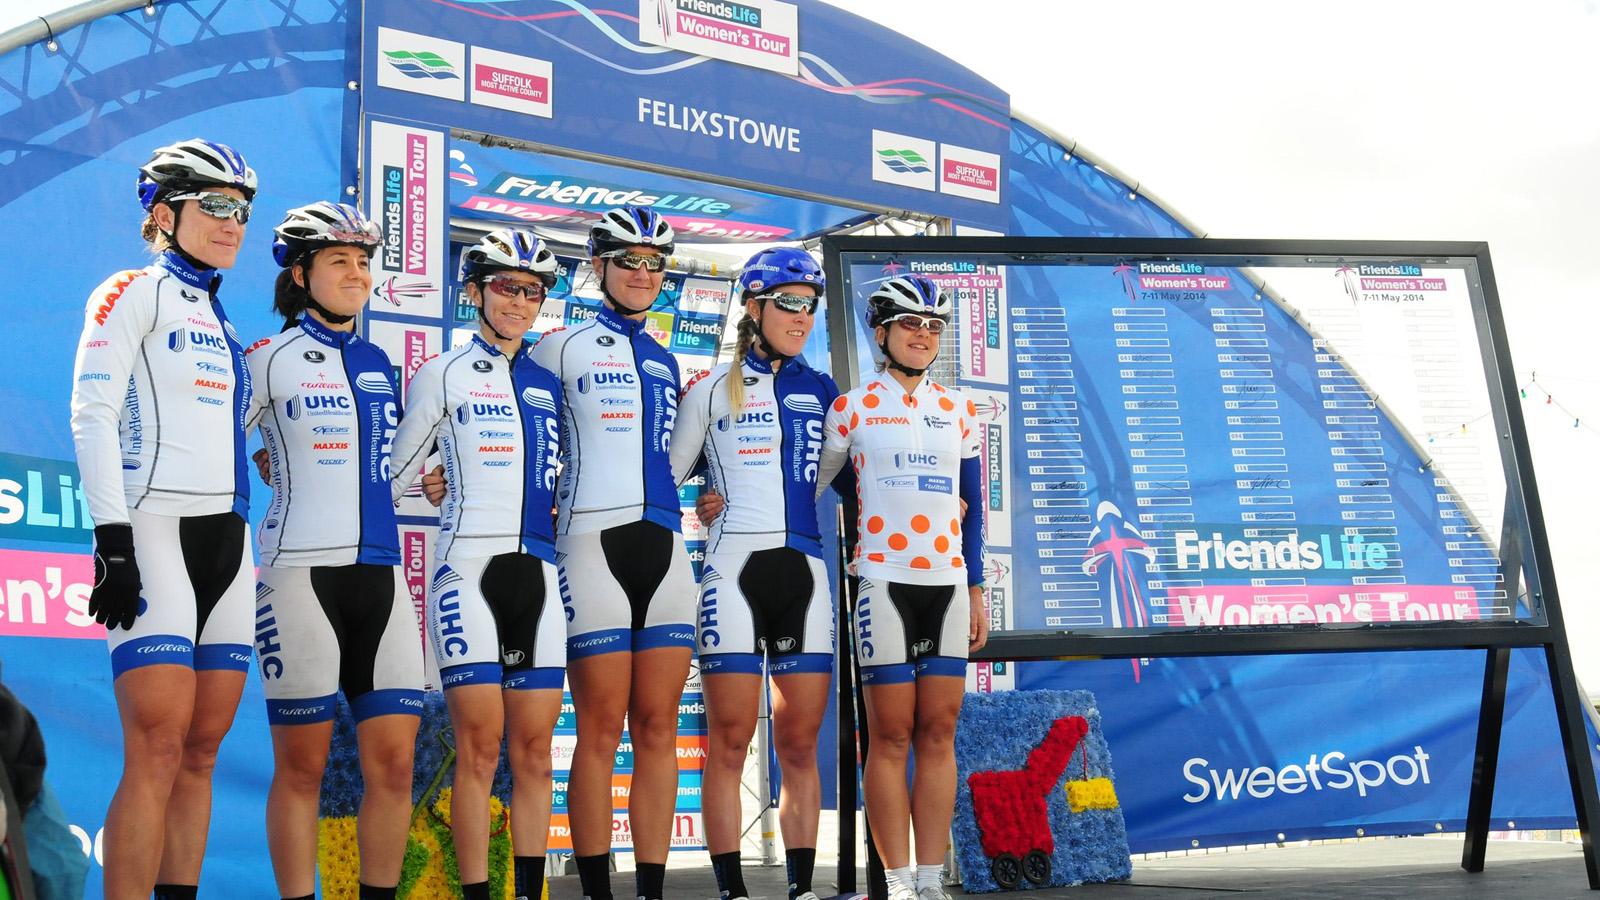 Felixstowe podium